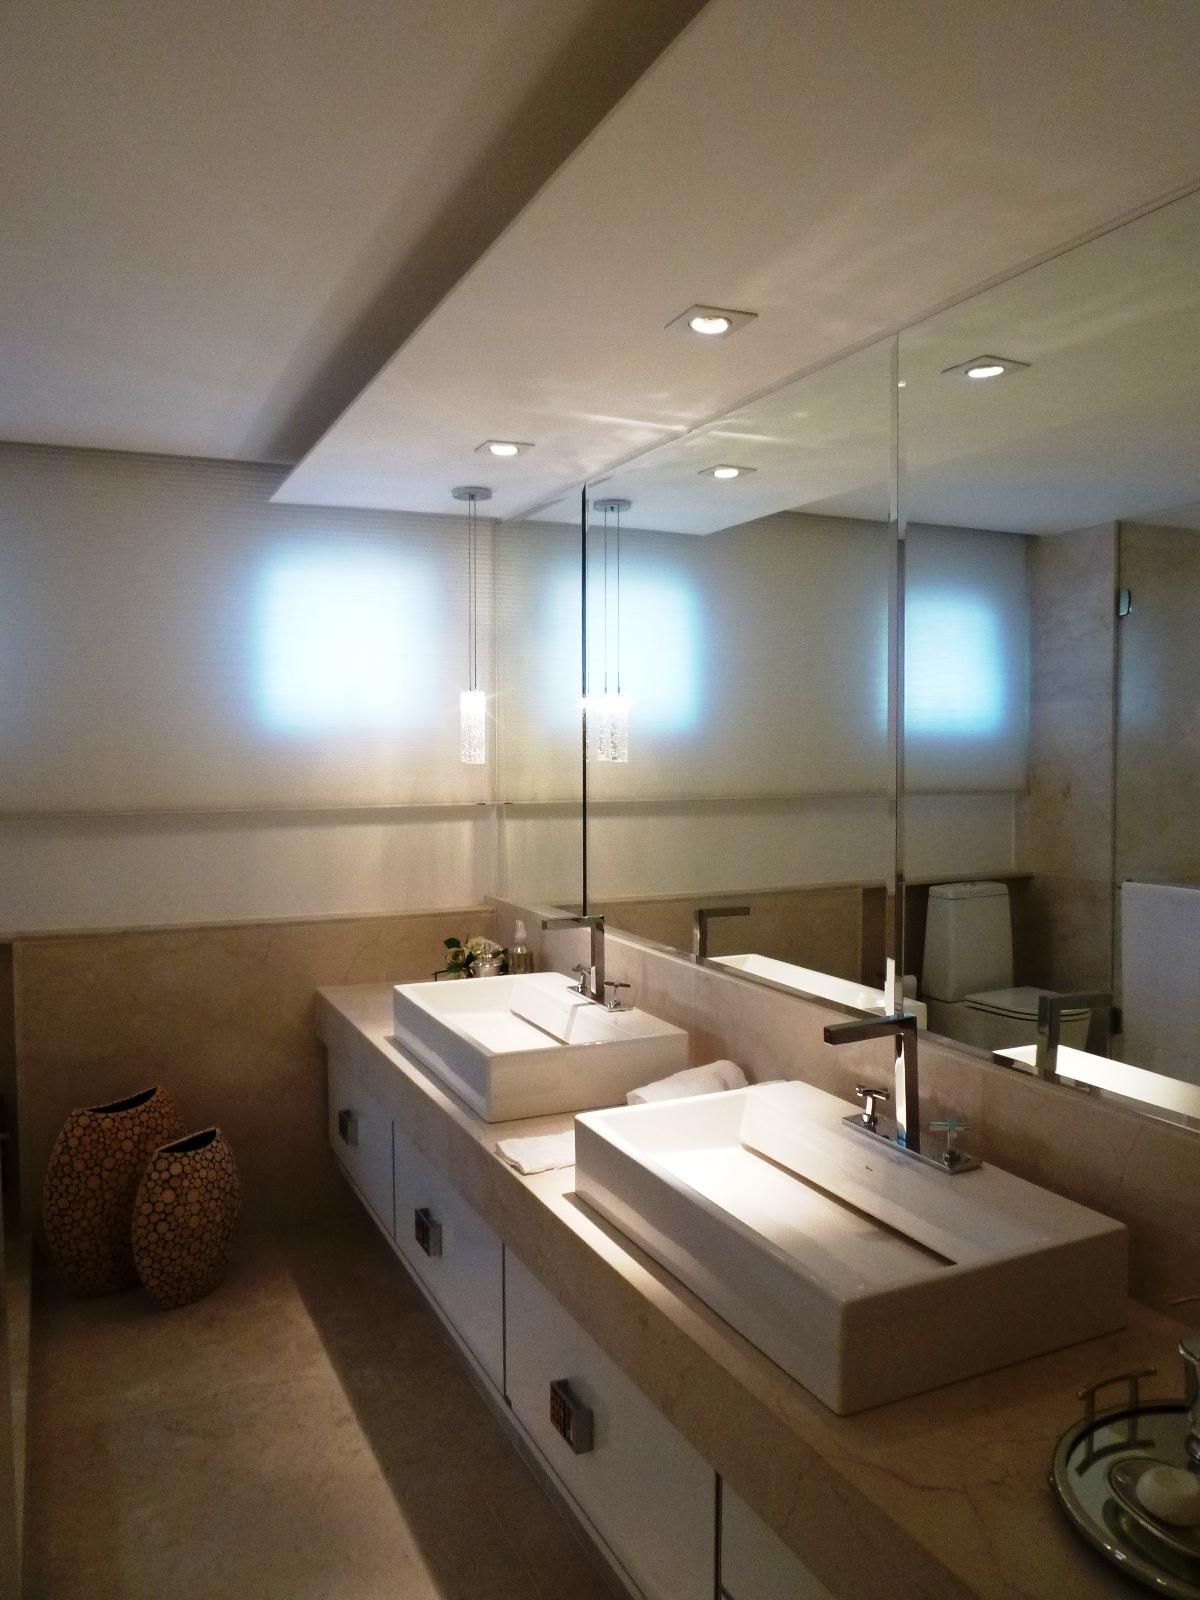 Gesso Chikk * Simplesmente um Luxo*: Decoração Banheiro Master ! #3E708D 1200 1600